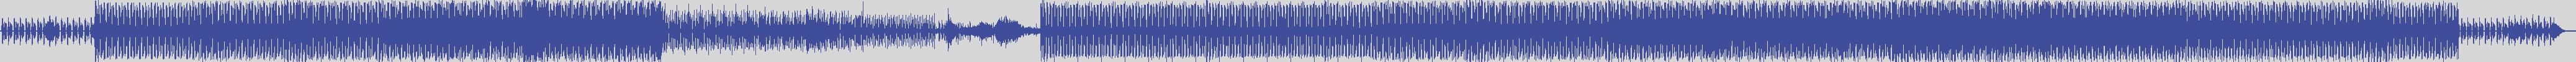 just_digital_records [JS1166] Lama B - Hoffman [Original Mix] audio wave form